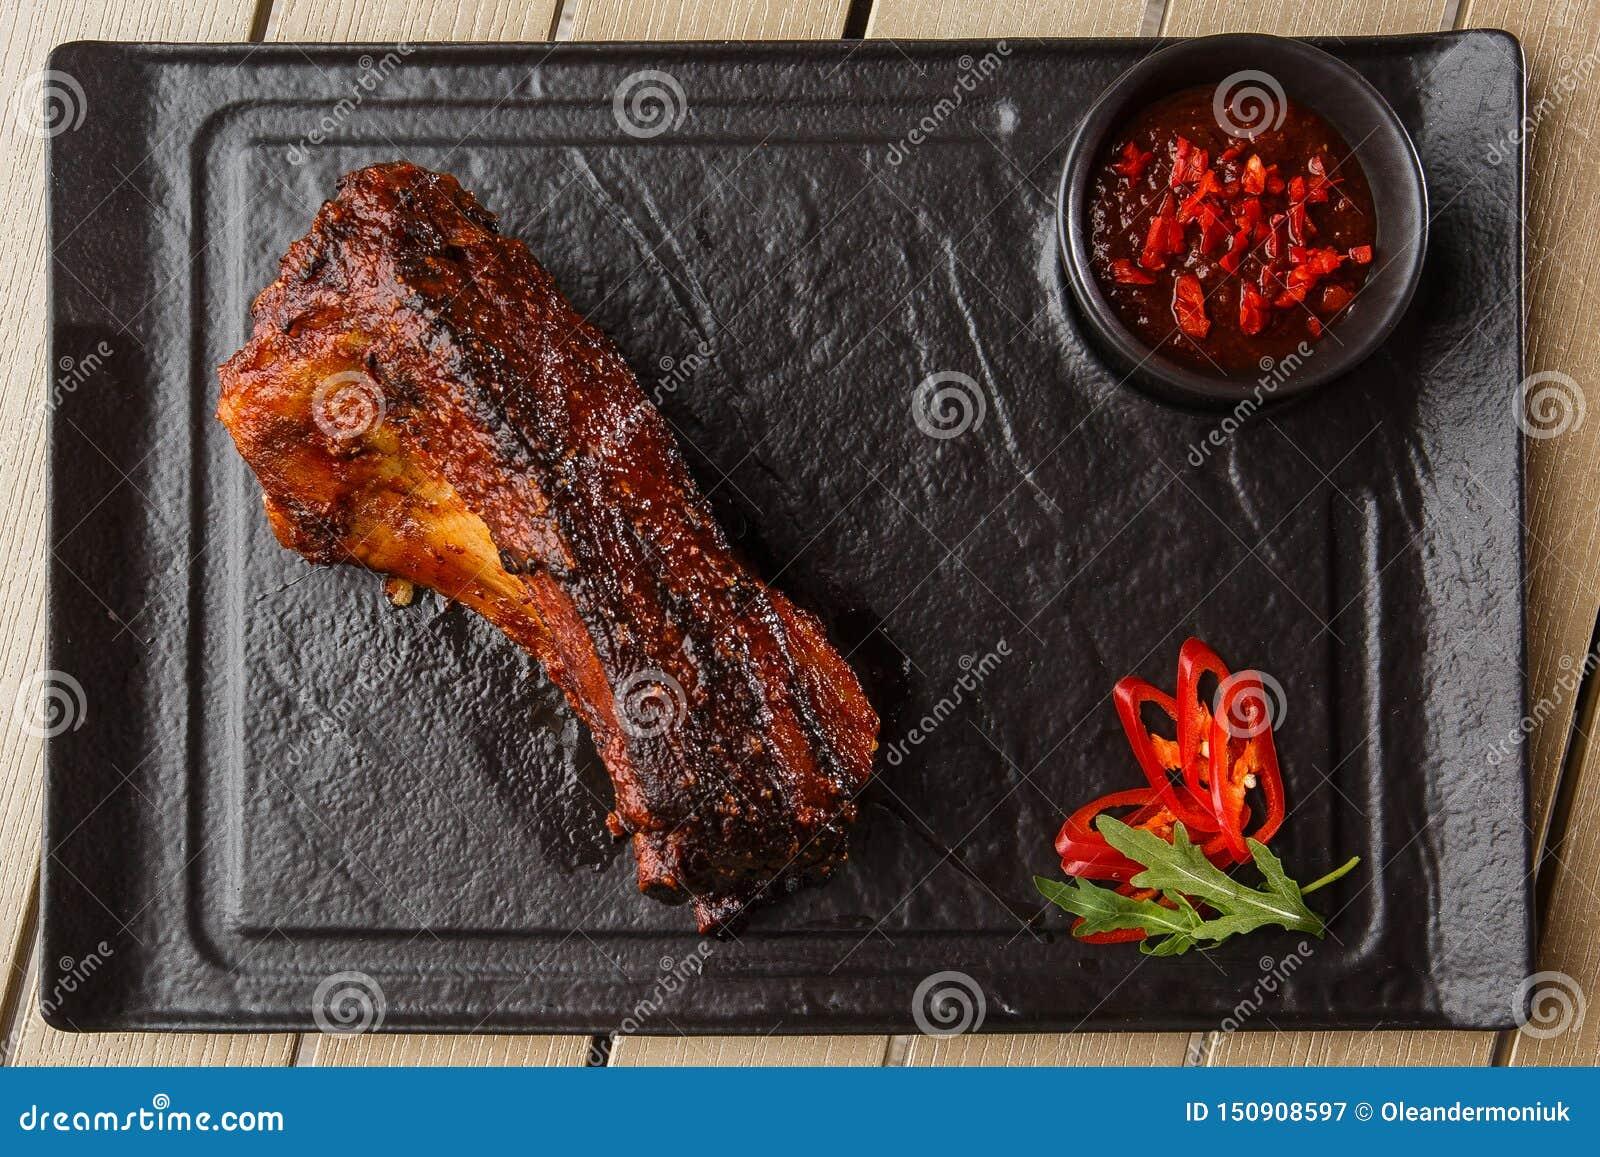 Costillas calientes asado a la parrilla y de la barbacoa de cerdo con pimienta de chiles calientes y salsa caliente en fondo de p